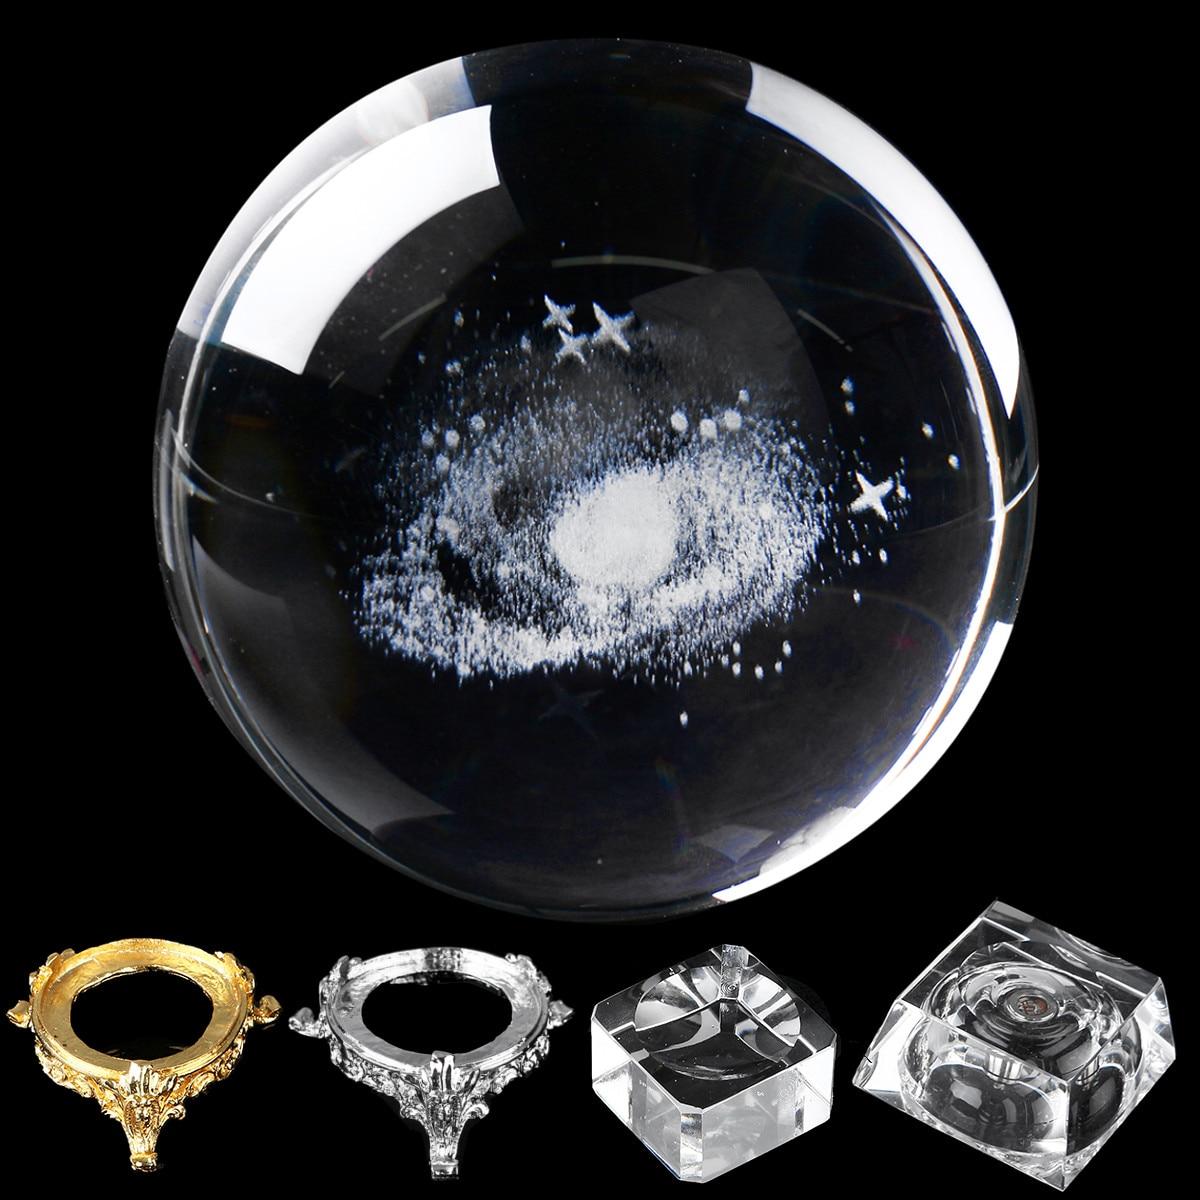 8CM Laser Engraved Quartz Solar System Ball 3D Miniature Planet Model LED  Crystal Ball Sphere Globe